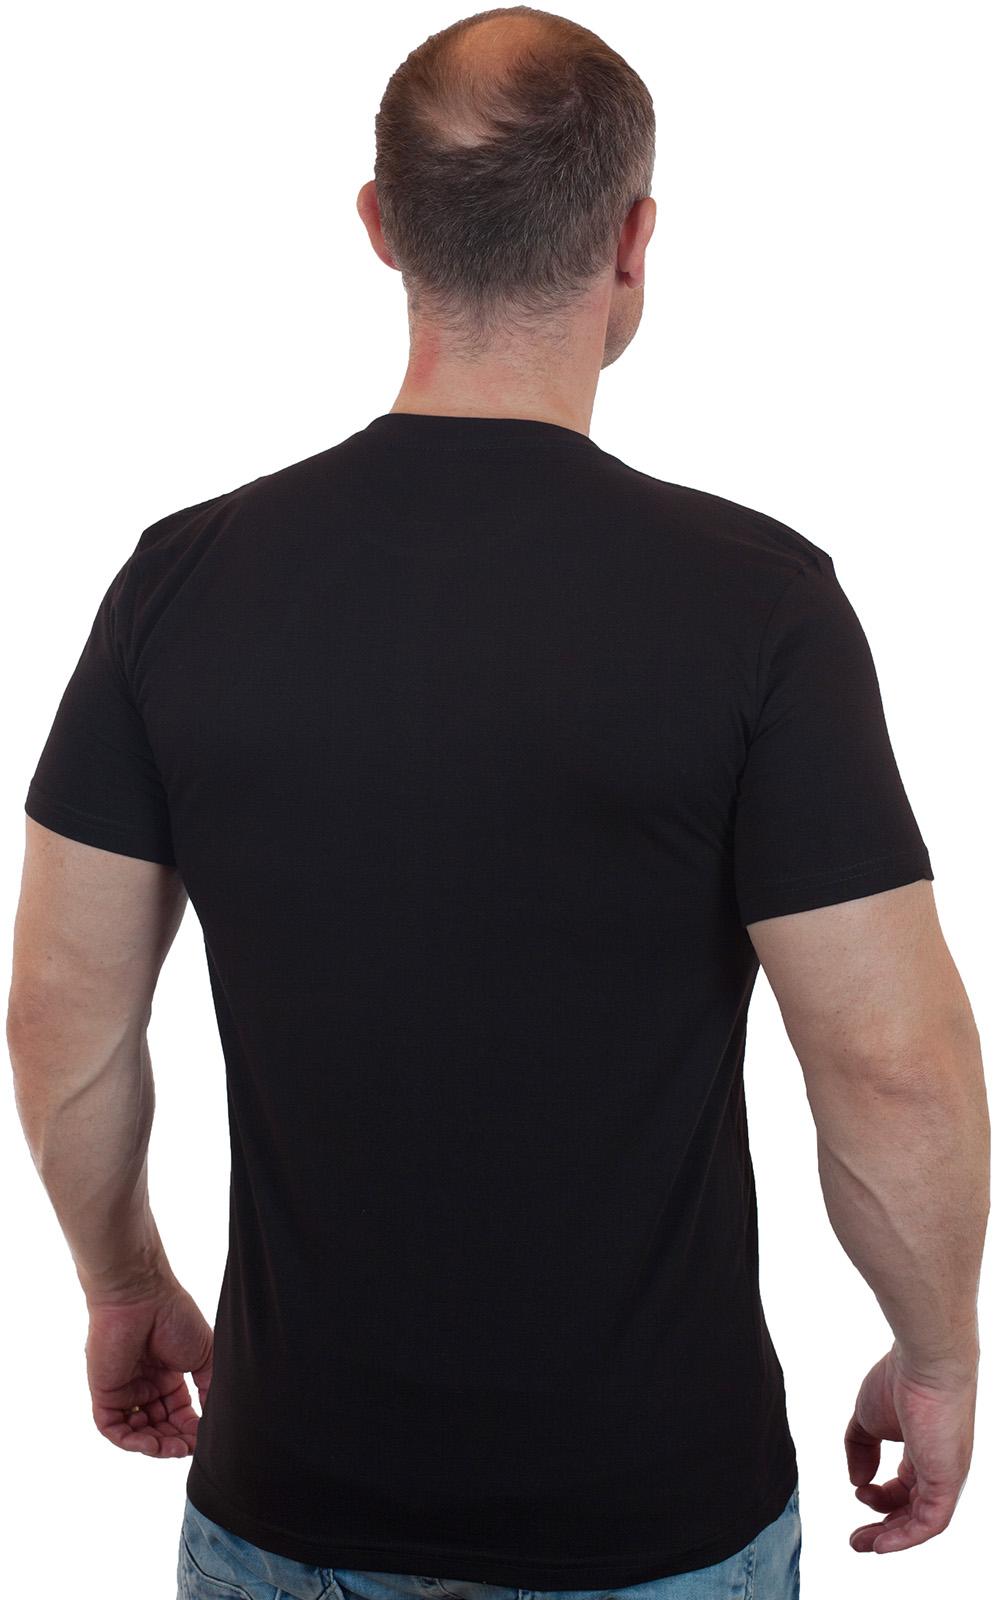 Строгая футболка для мужчин с шевроном Новороссии